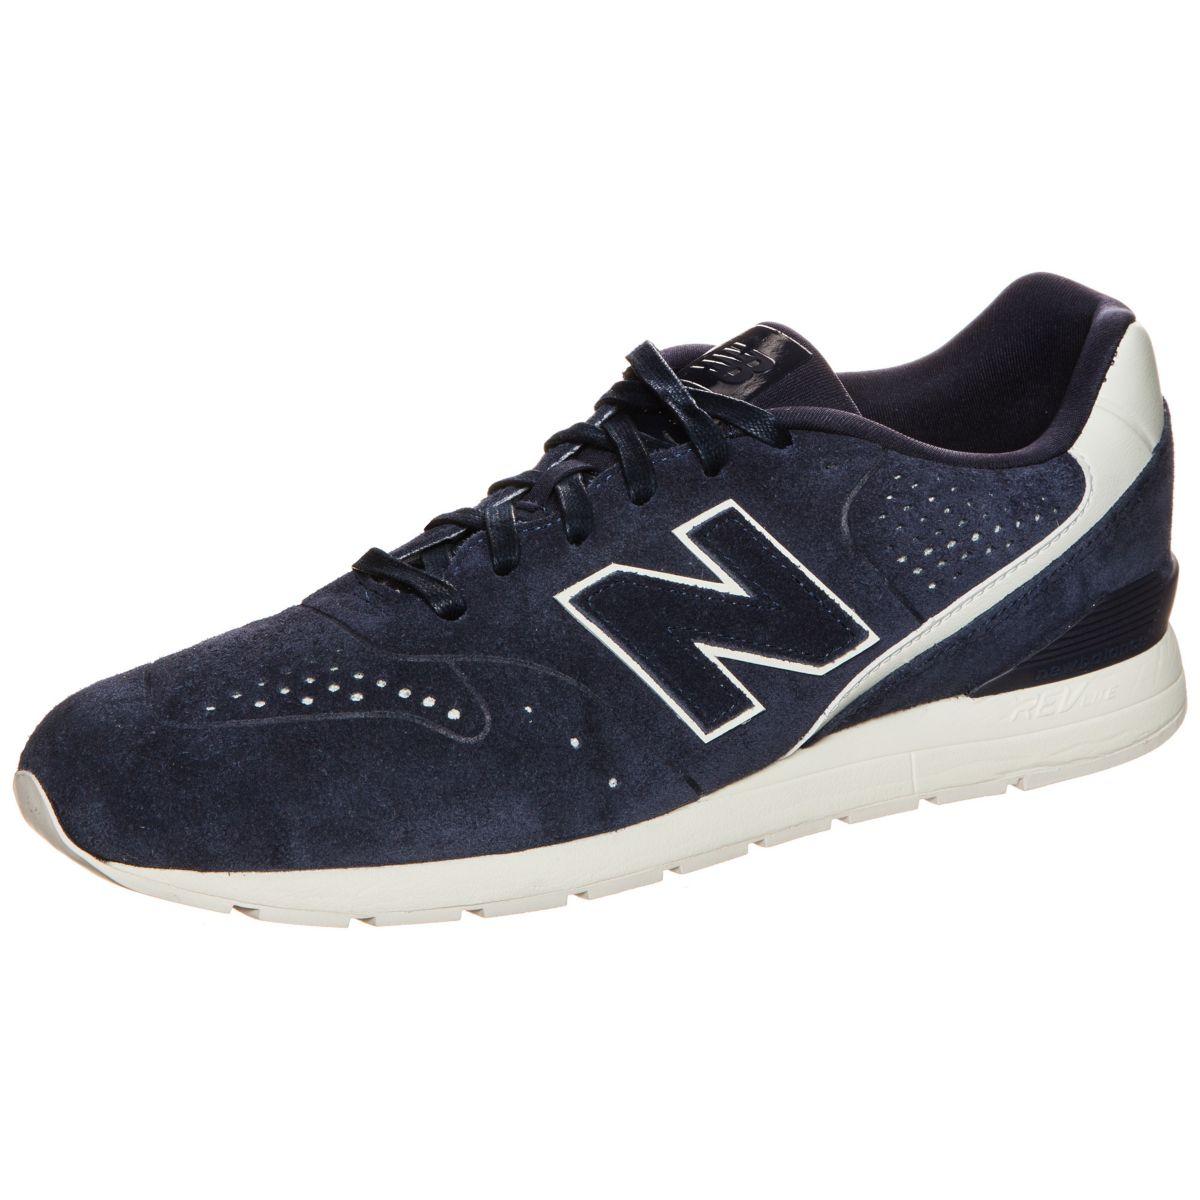 Aktuelle Angebote Kaufroboter Die Discounter Suchmaschine Drkevin Leather Shoes 13301 Maroon 42 New Balance Mrl996 Dz D Sneaker Herren